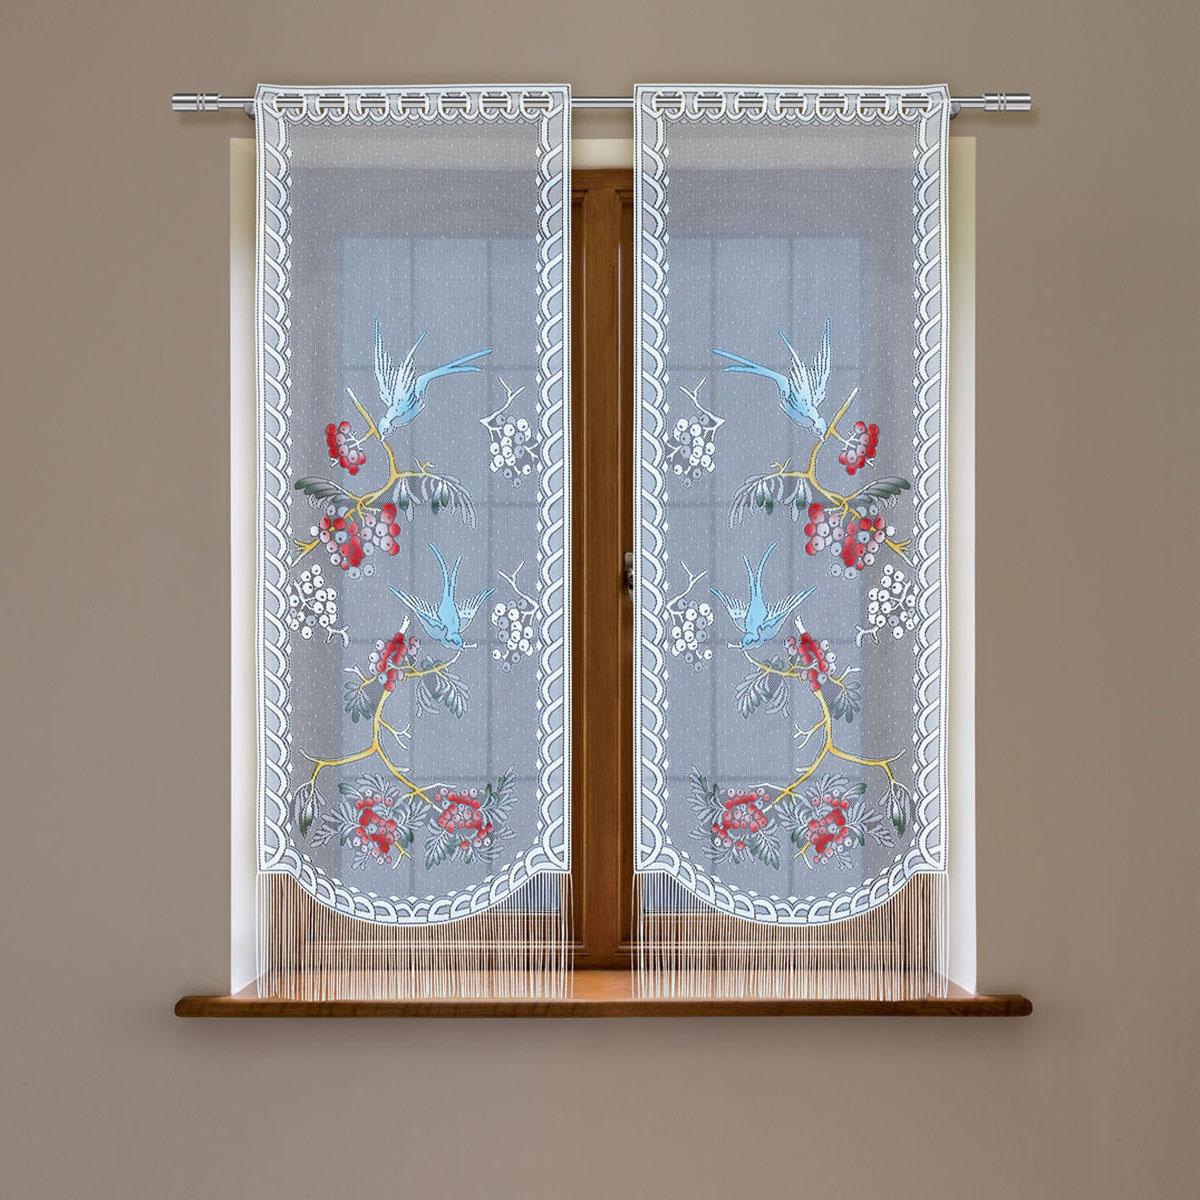 Гардина Haft, цвет: белый, высота 120 см. 5383D/605383D/60Гардина имеет в верхней части полотна прорези, через которые гардина-витраж вывешивается на карниз или можно крепить на зажим для штор,котрый в комплект не входит.Комплект состоит из двух полотен (выс.120* шир.60) Размеры: (высота 120* ширина 60)*2